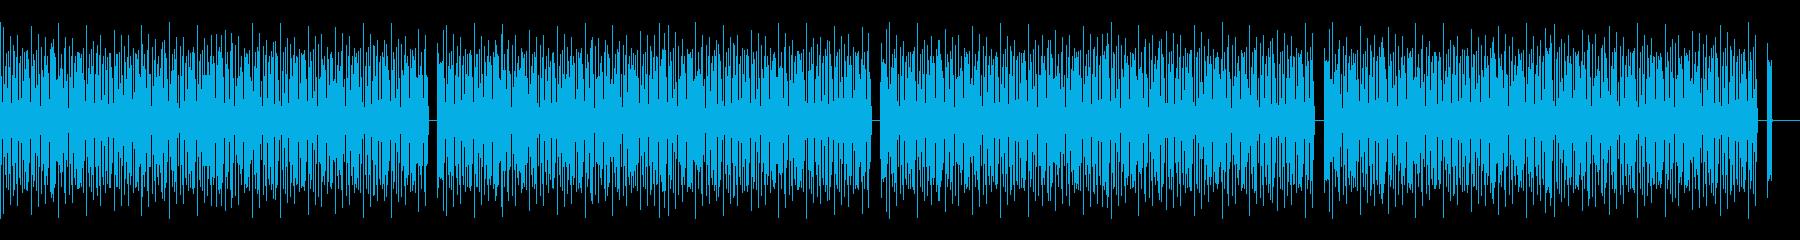 ドラムのみの再生済みの波形